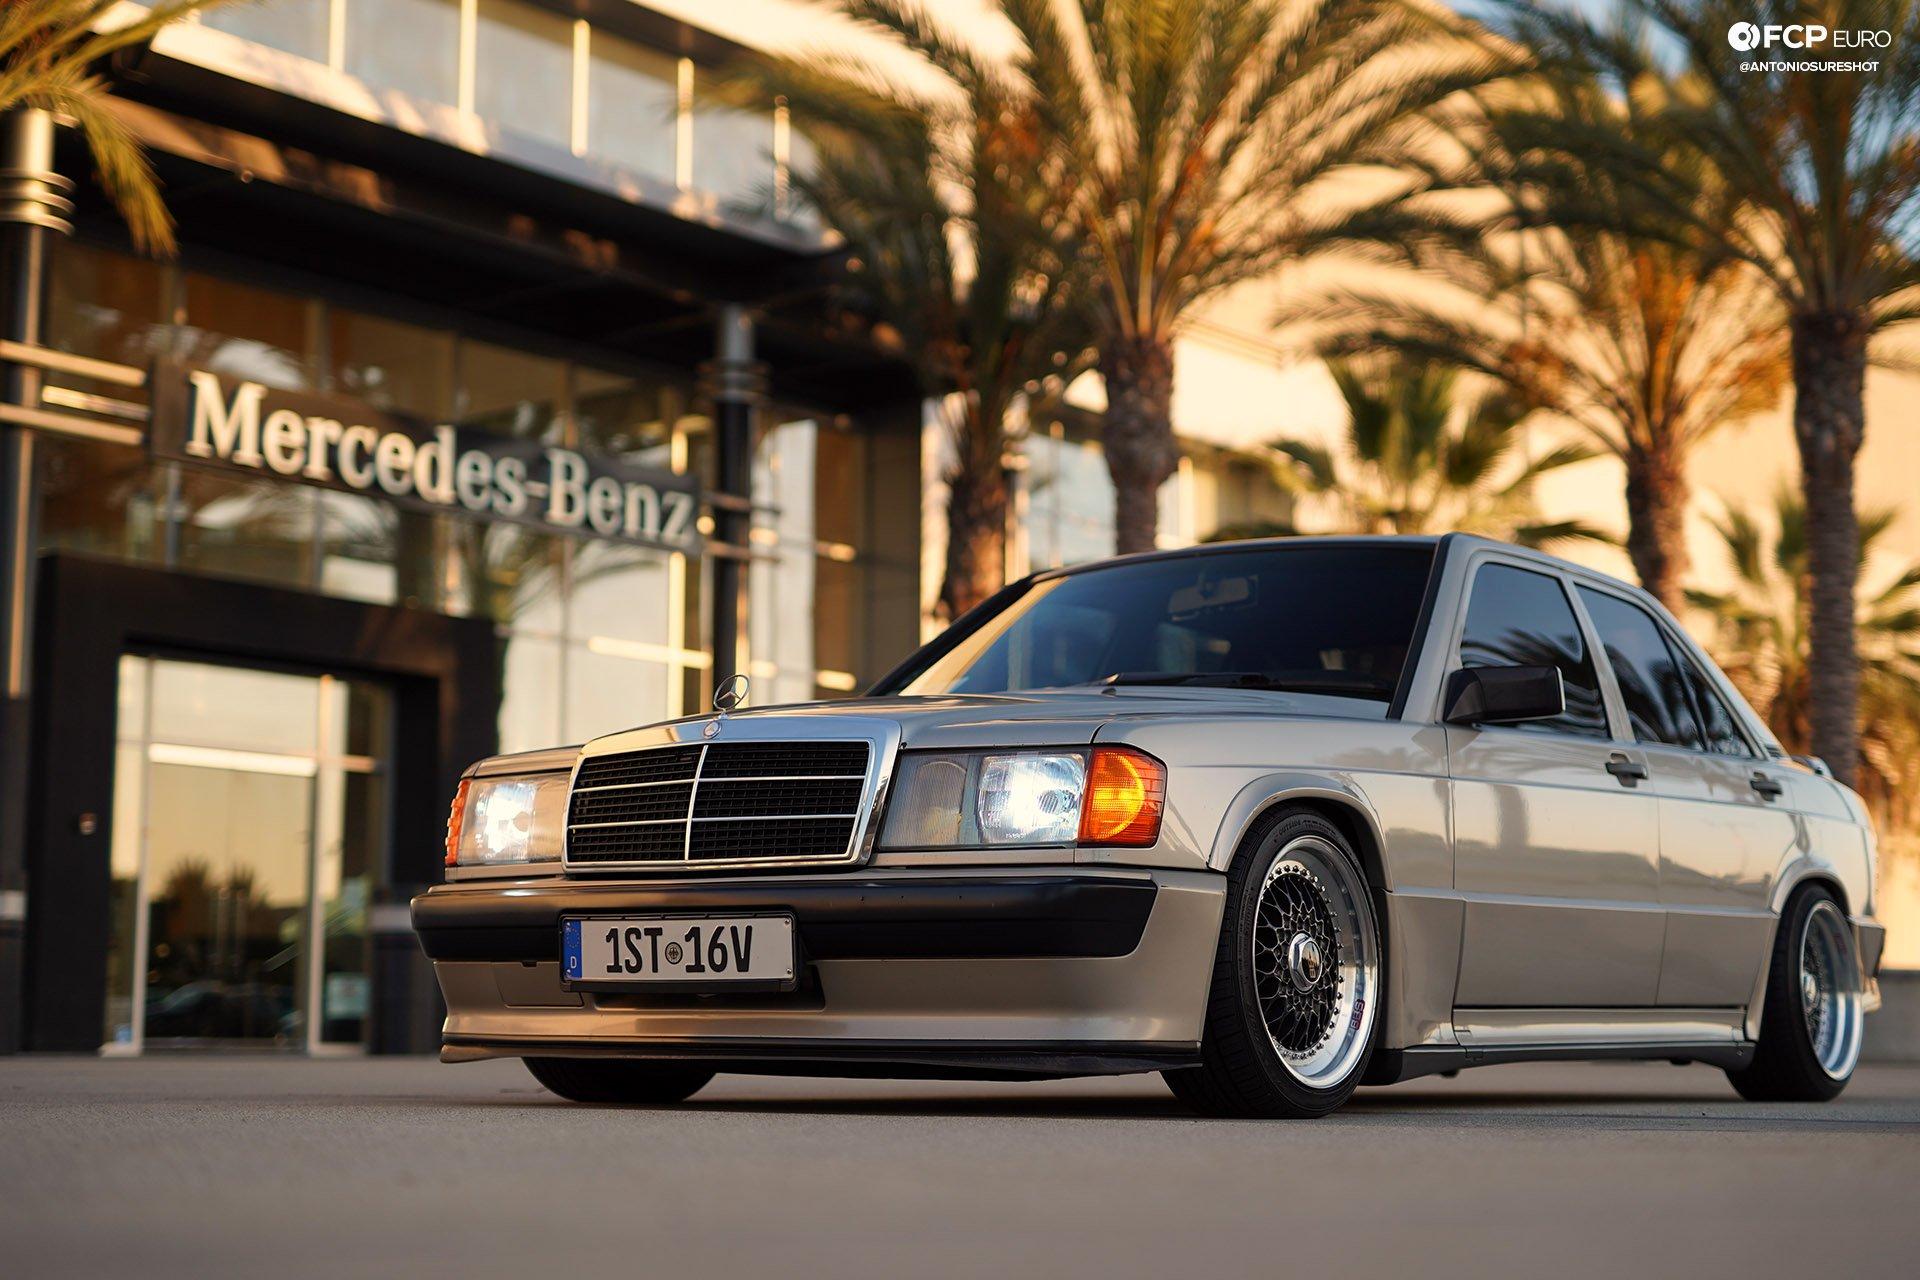 Mercedes Benz 190E 2.3 16v Cosworth A9A01462